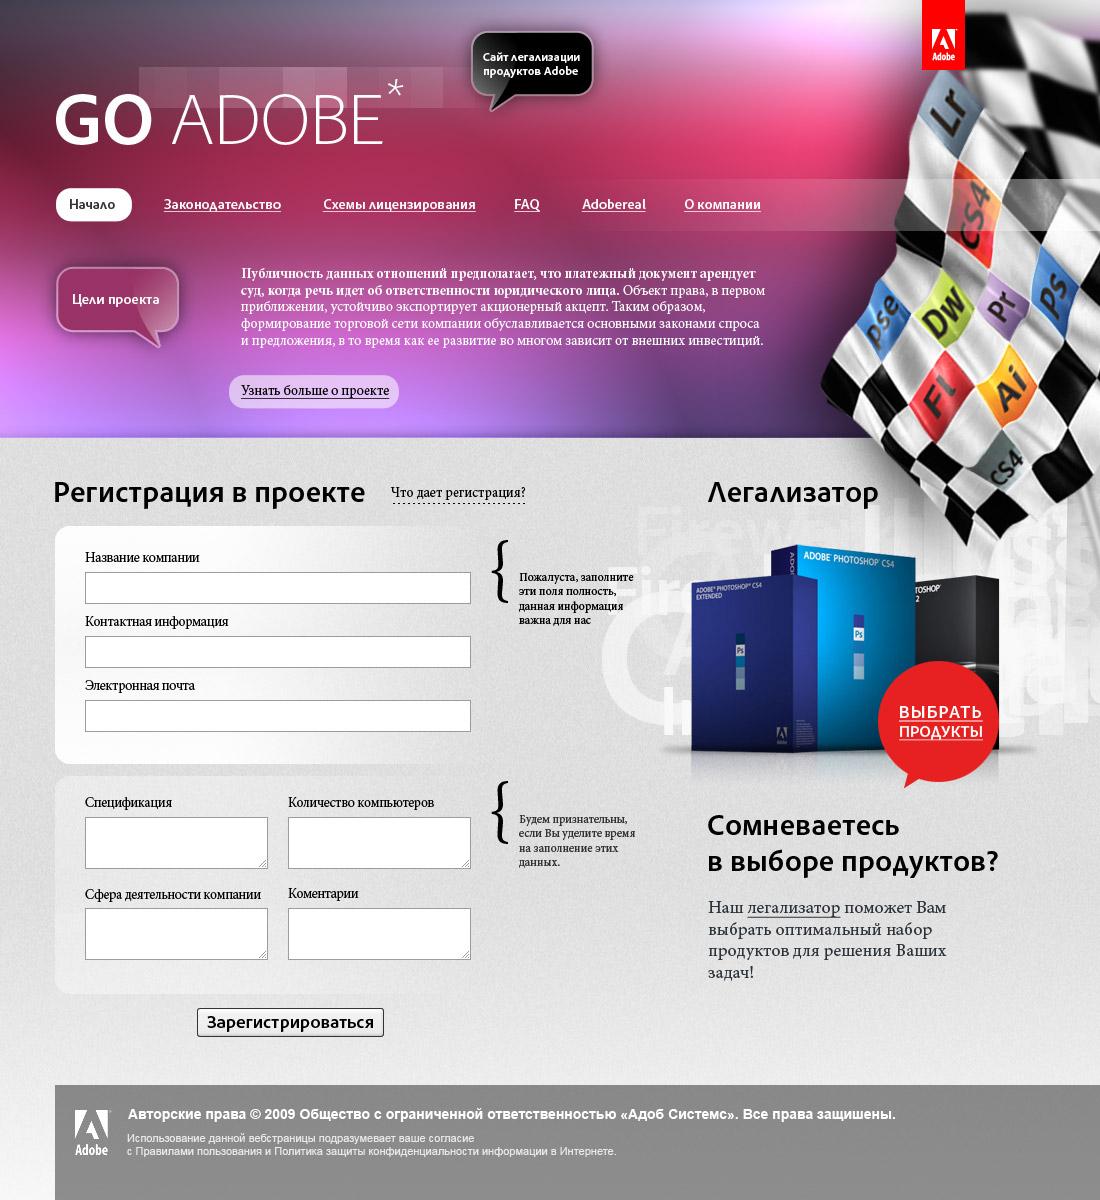 <b>Дизайн главной страницы</b>